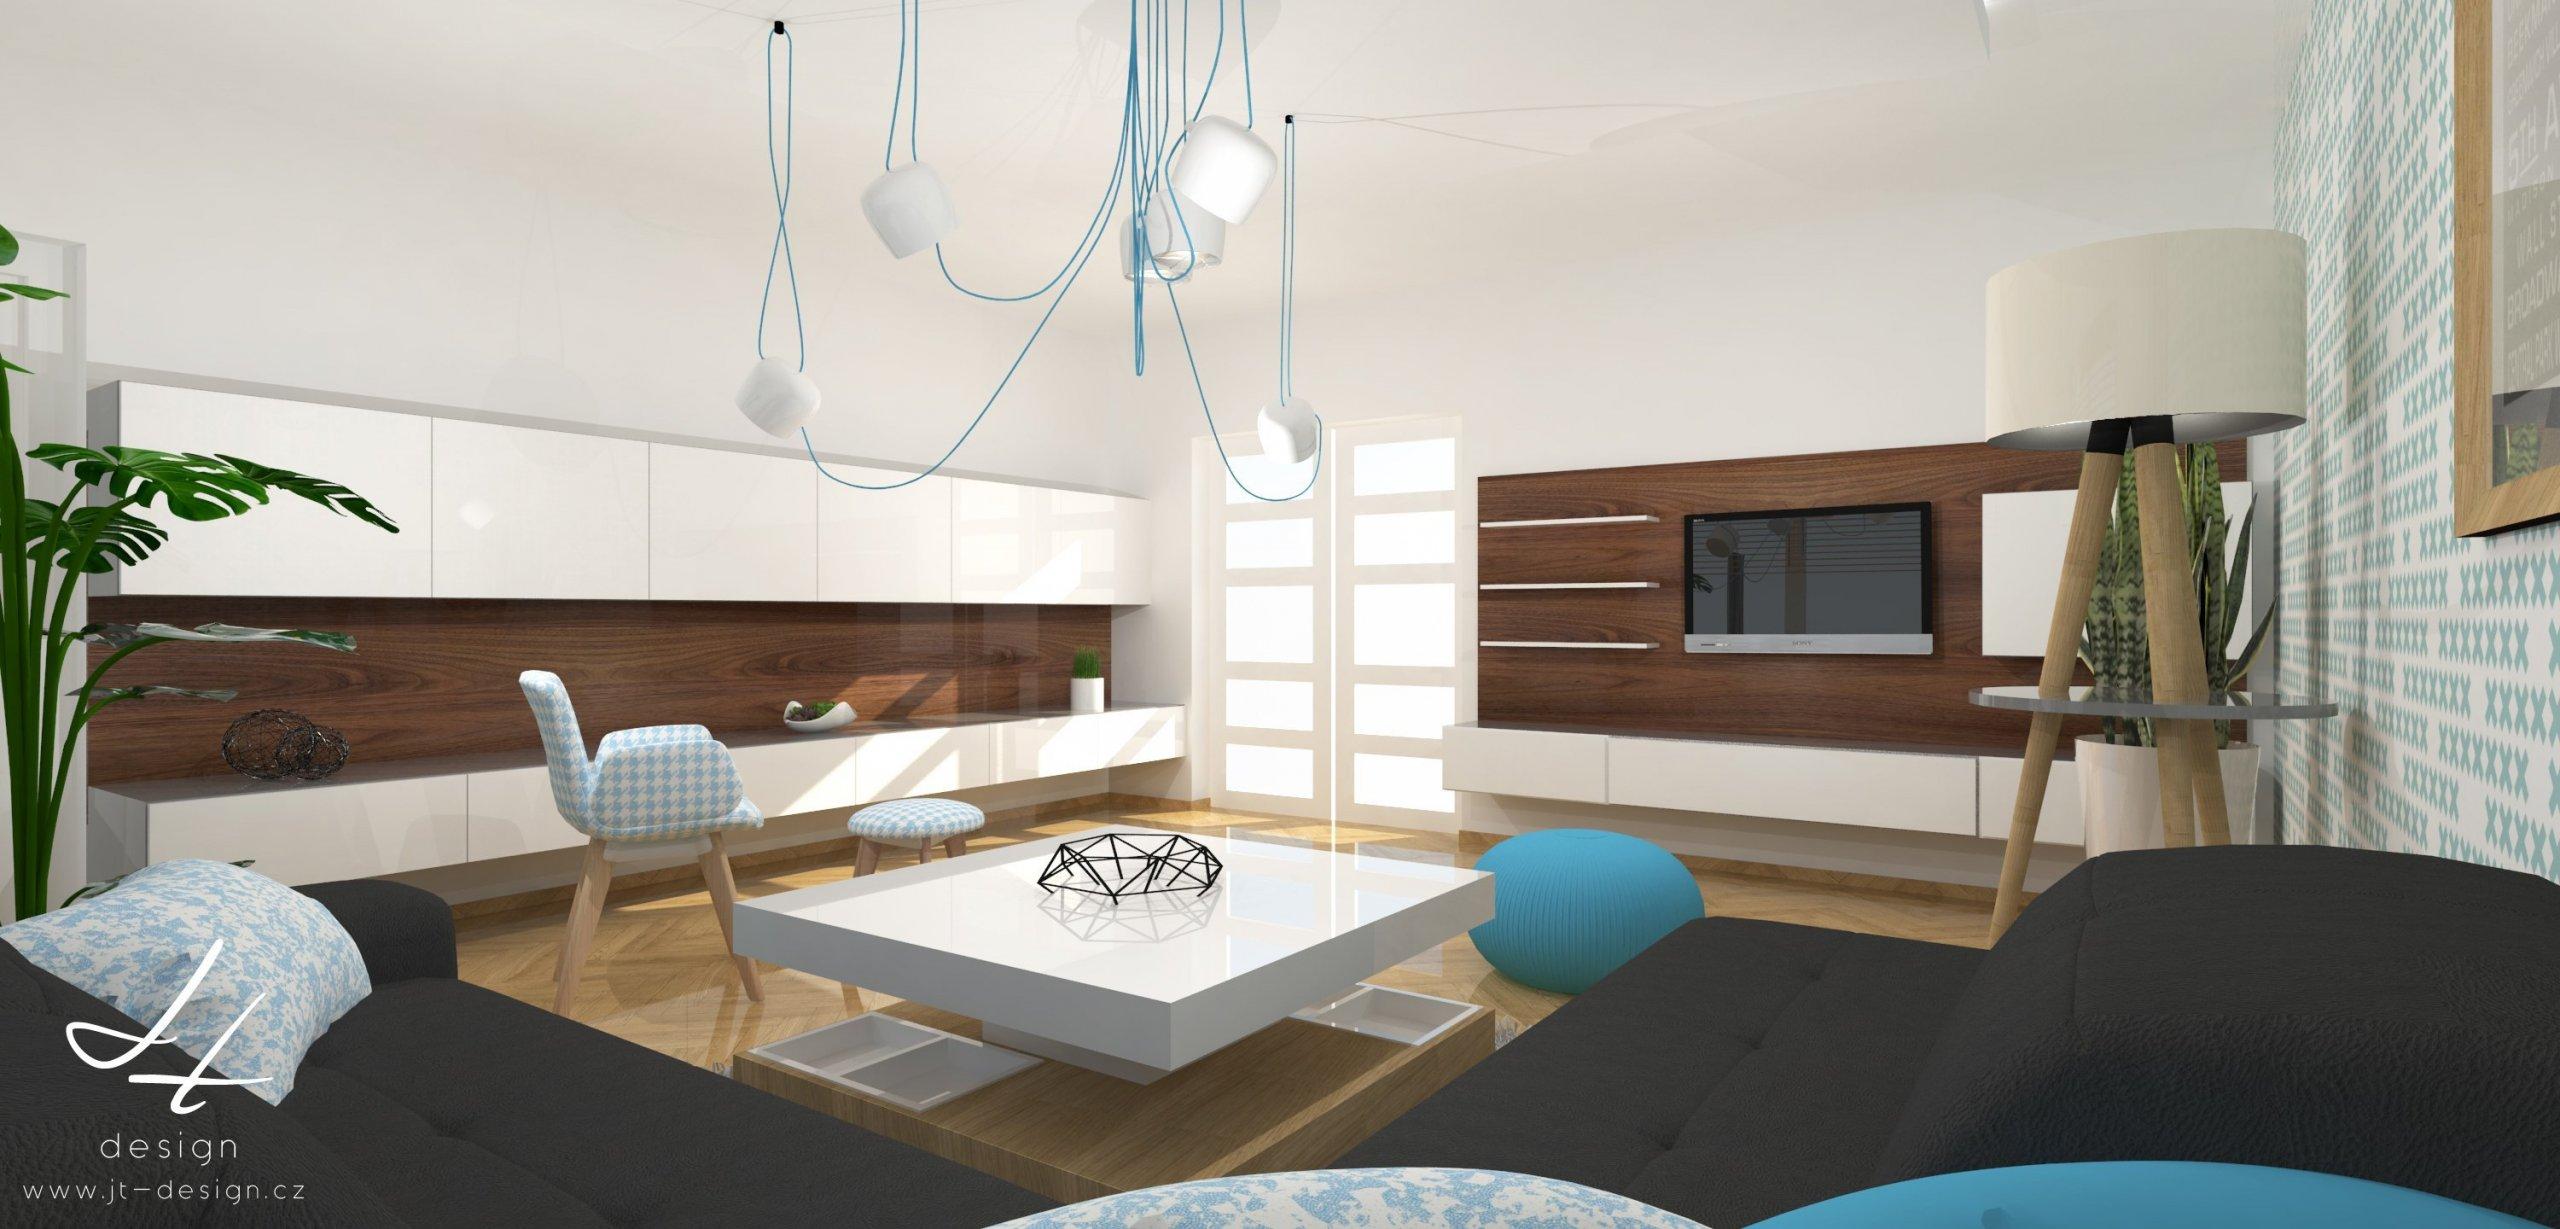 """""""V duchu mint a světle modré.""""  Retro prokládané moderními prvky křížků vkombinaci parket ve vysokém lesku, nábytku ze dřeva s&nbsp…"""